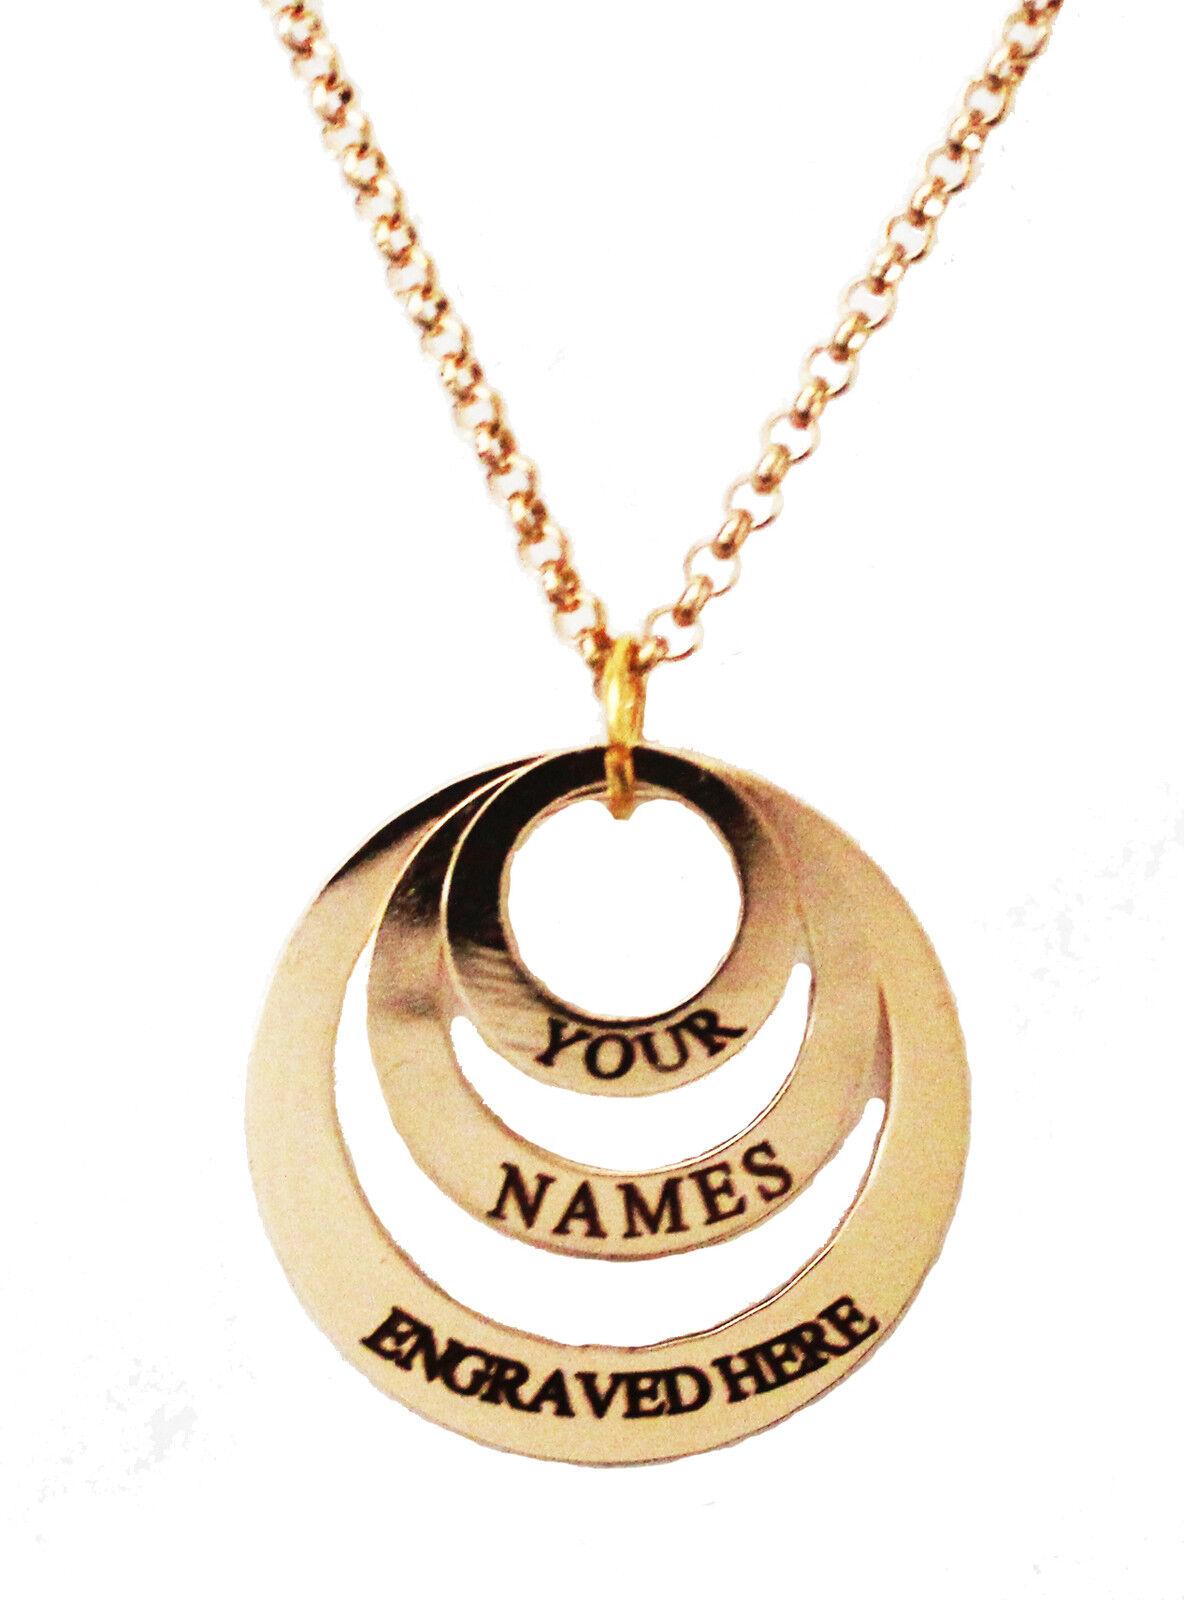 personalisierte namen halskette herz baum liebe mit wei gold vergoldet geschenk ebay. Black Bedroom Furniture Sets. Home Design Ideas